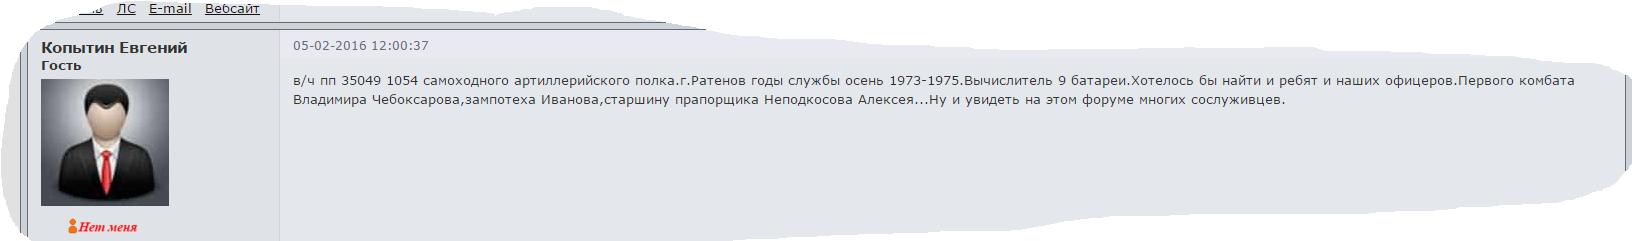 http://s3.uploads.ru/YscfF.png